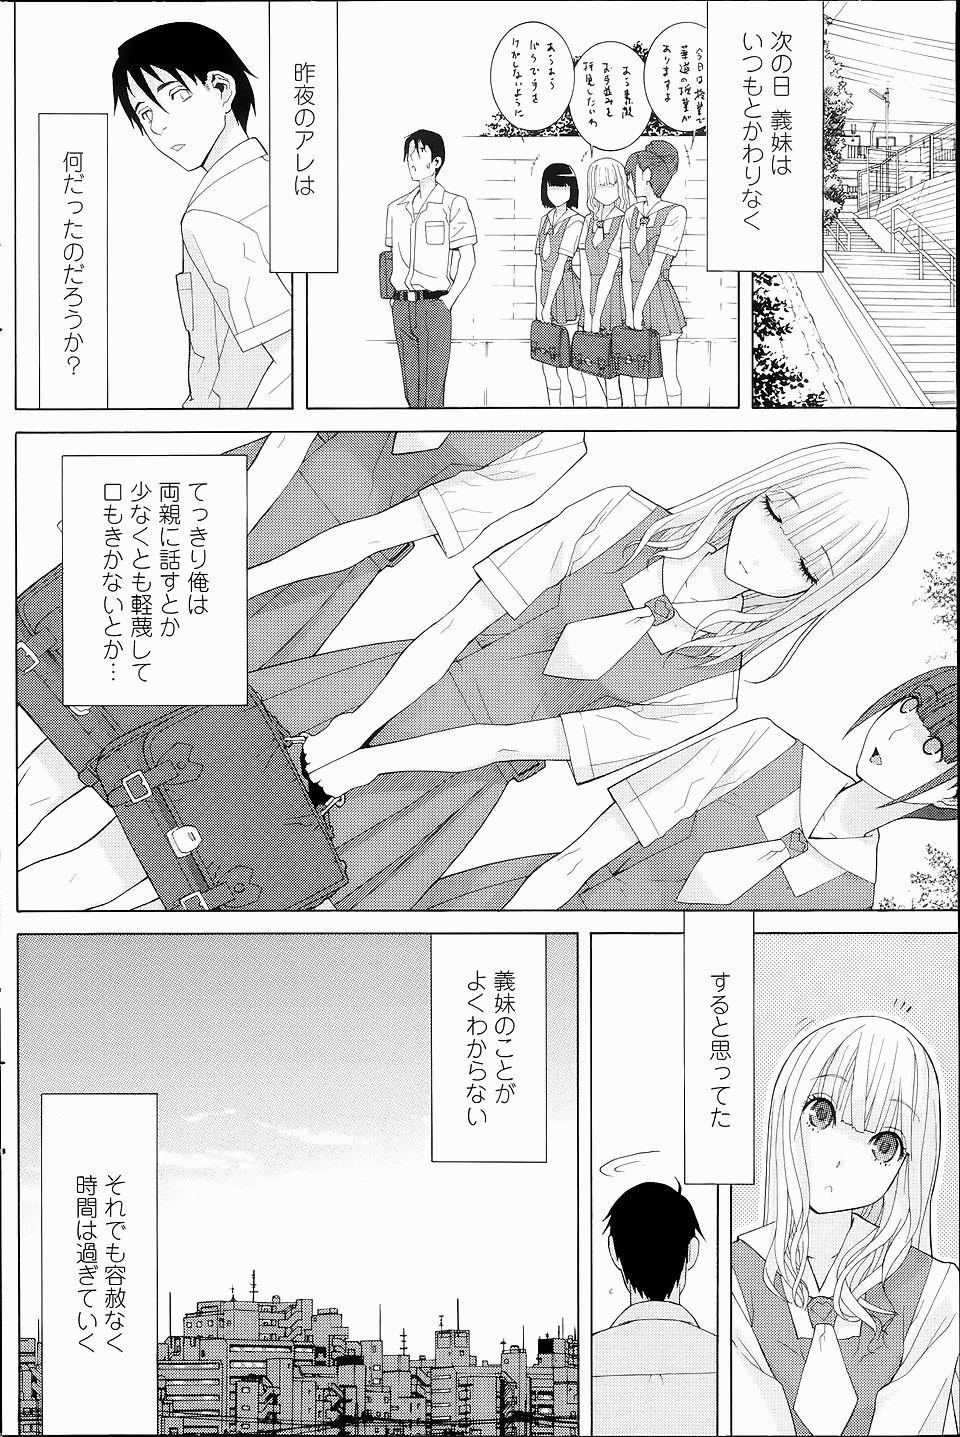 【エロ漫画・エロ同人】全裸でオナニーしてたら巨乳の義妹に見られちゃってぶっかけちゃったwww (8)